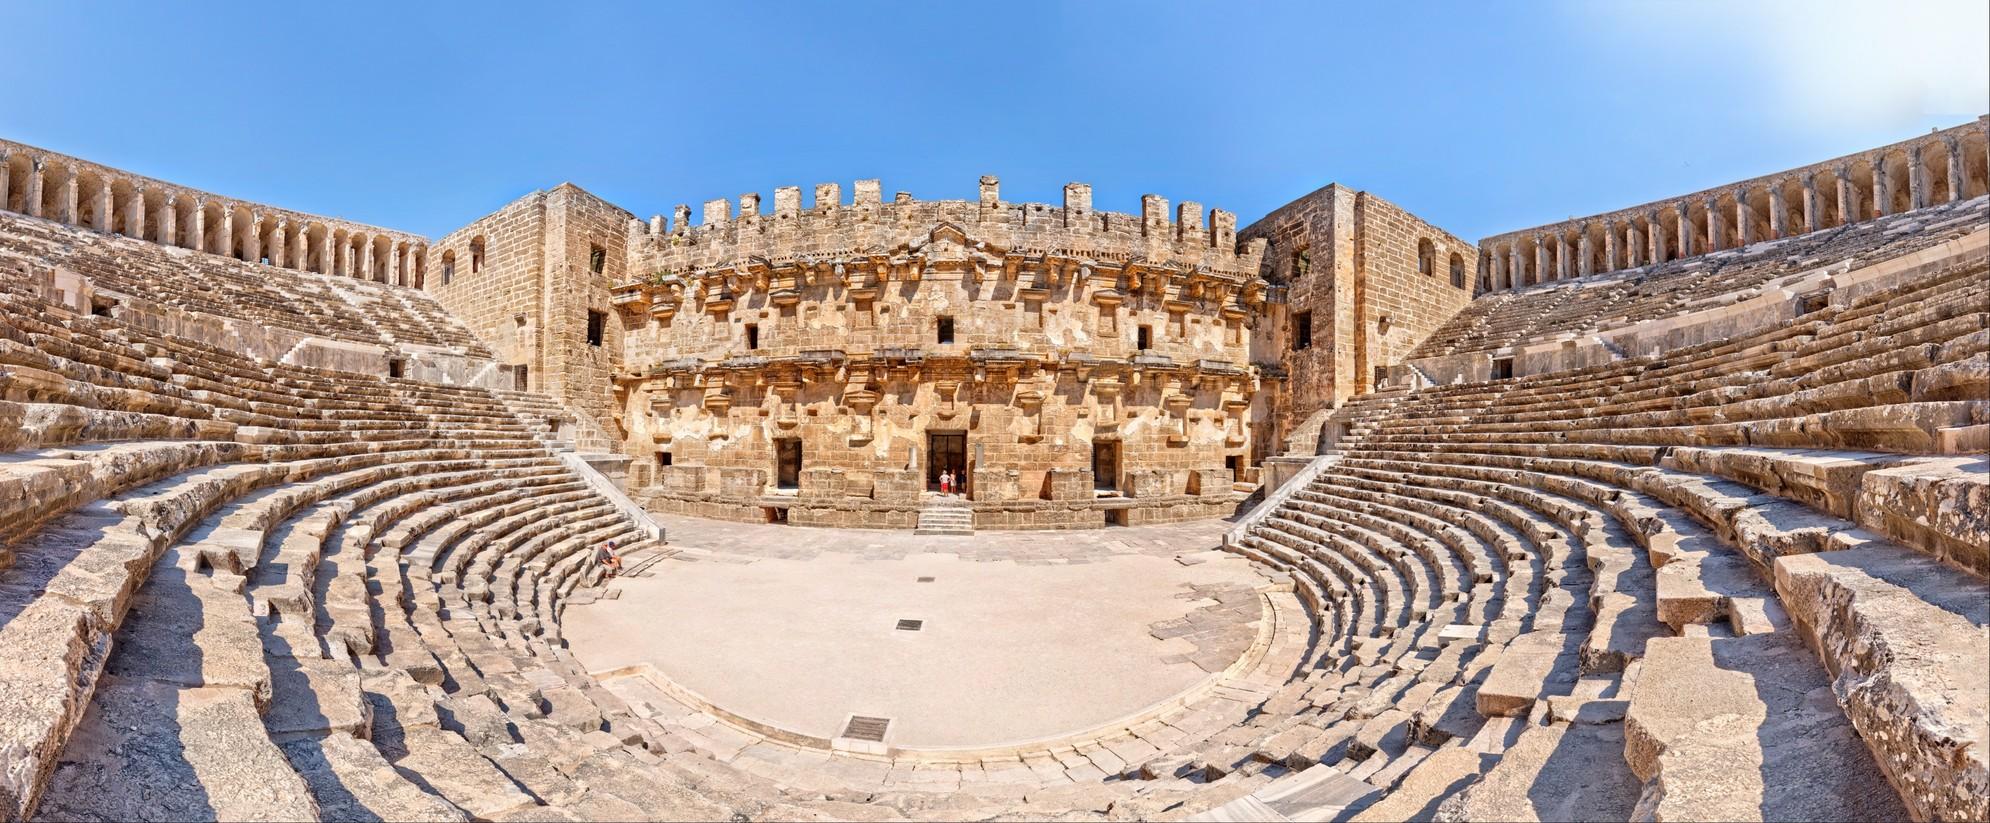 Aspendos Antik Tiyatro HDR panorama